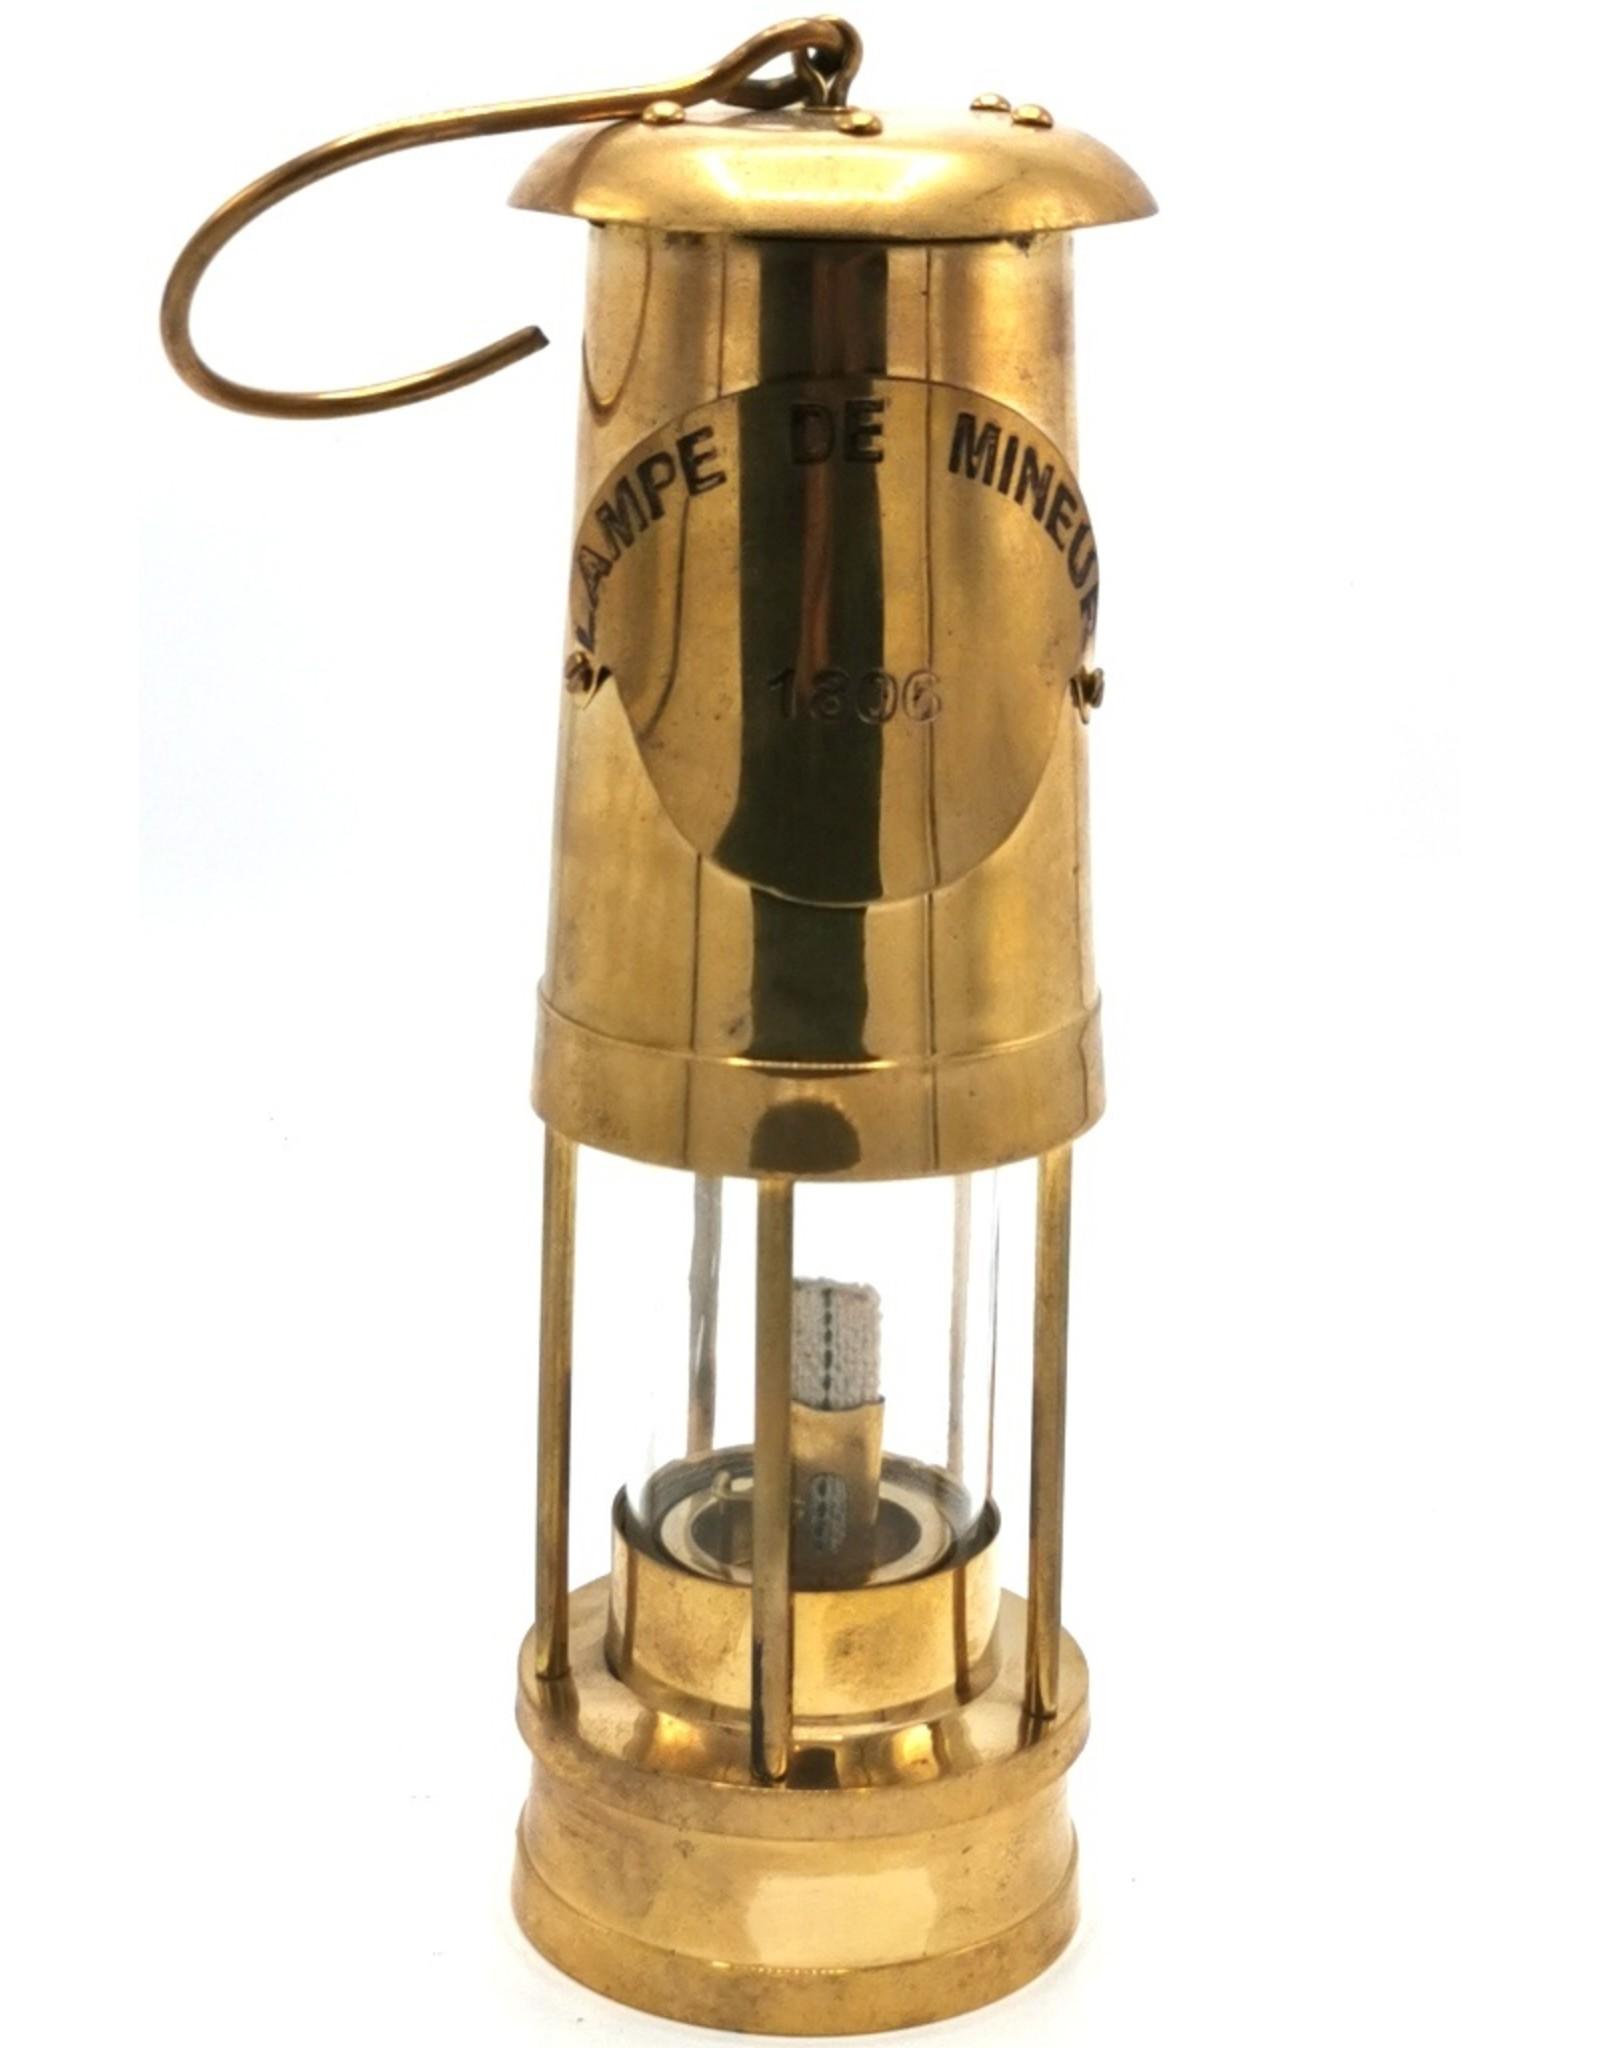 Giftware & Lifestyle - Olielamp Mijnwerkerslamp Vintage look - Messing